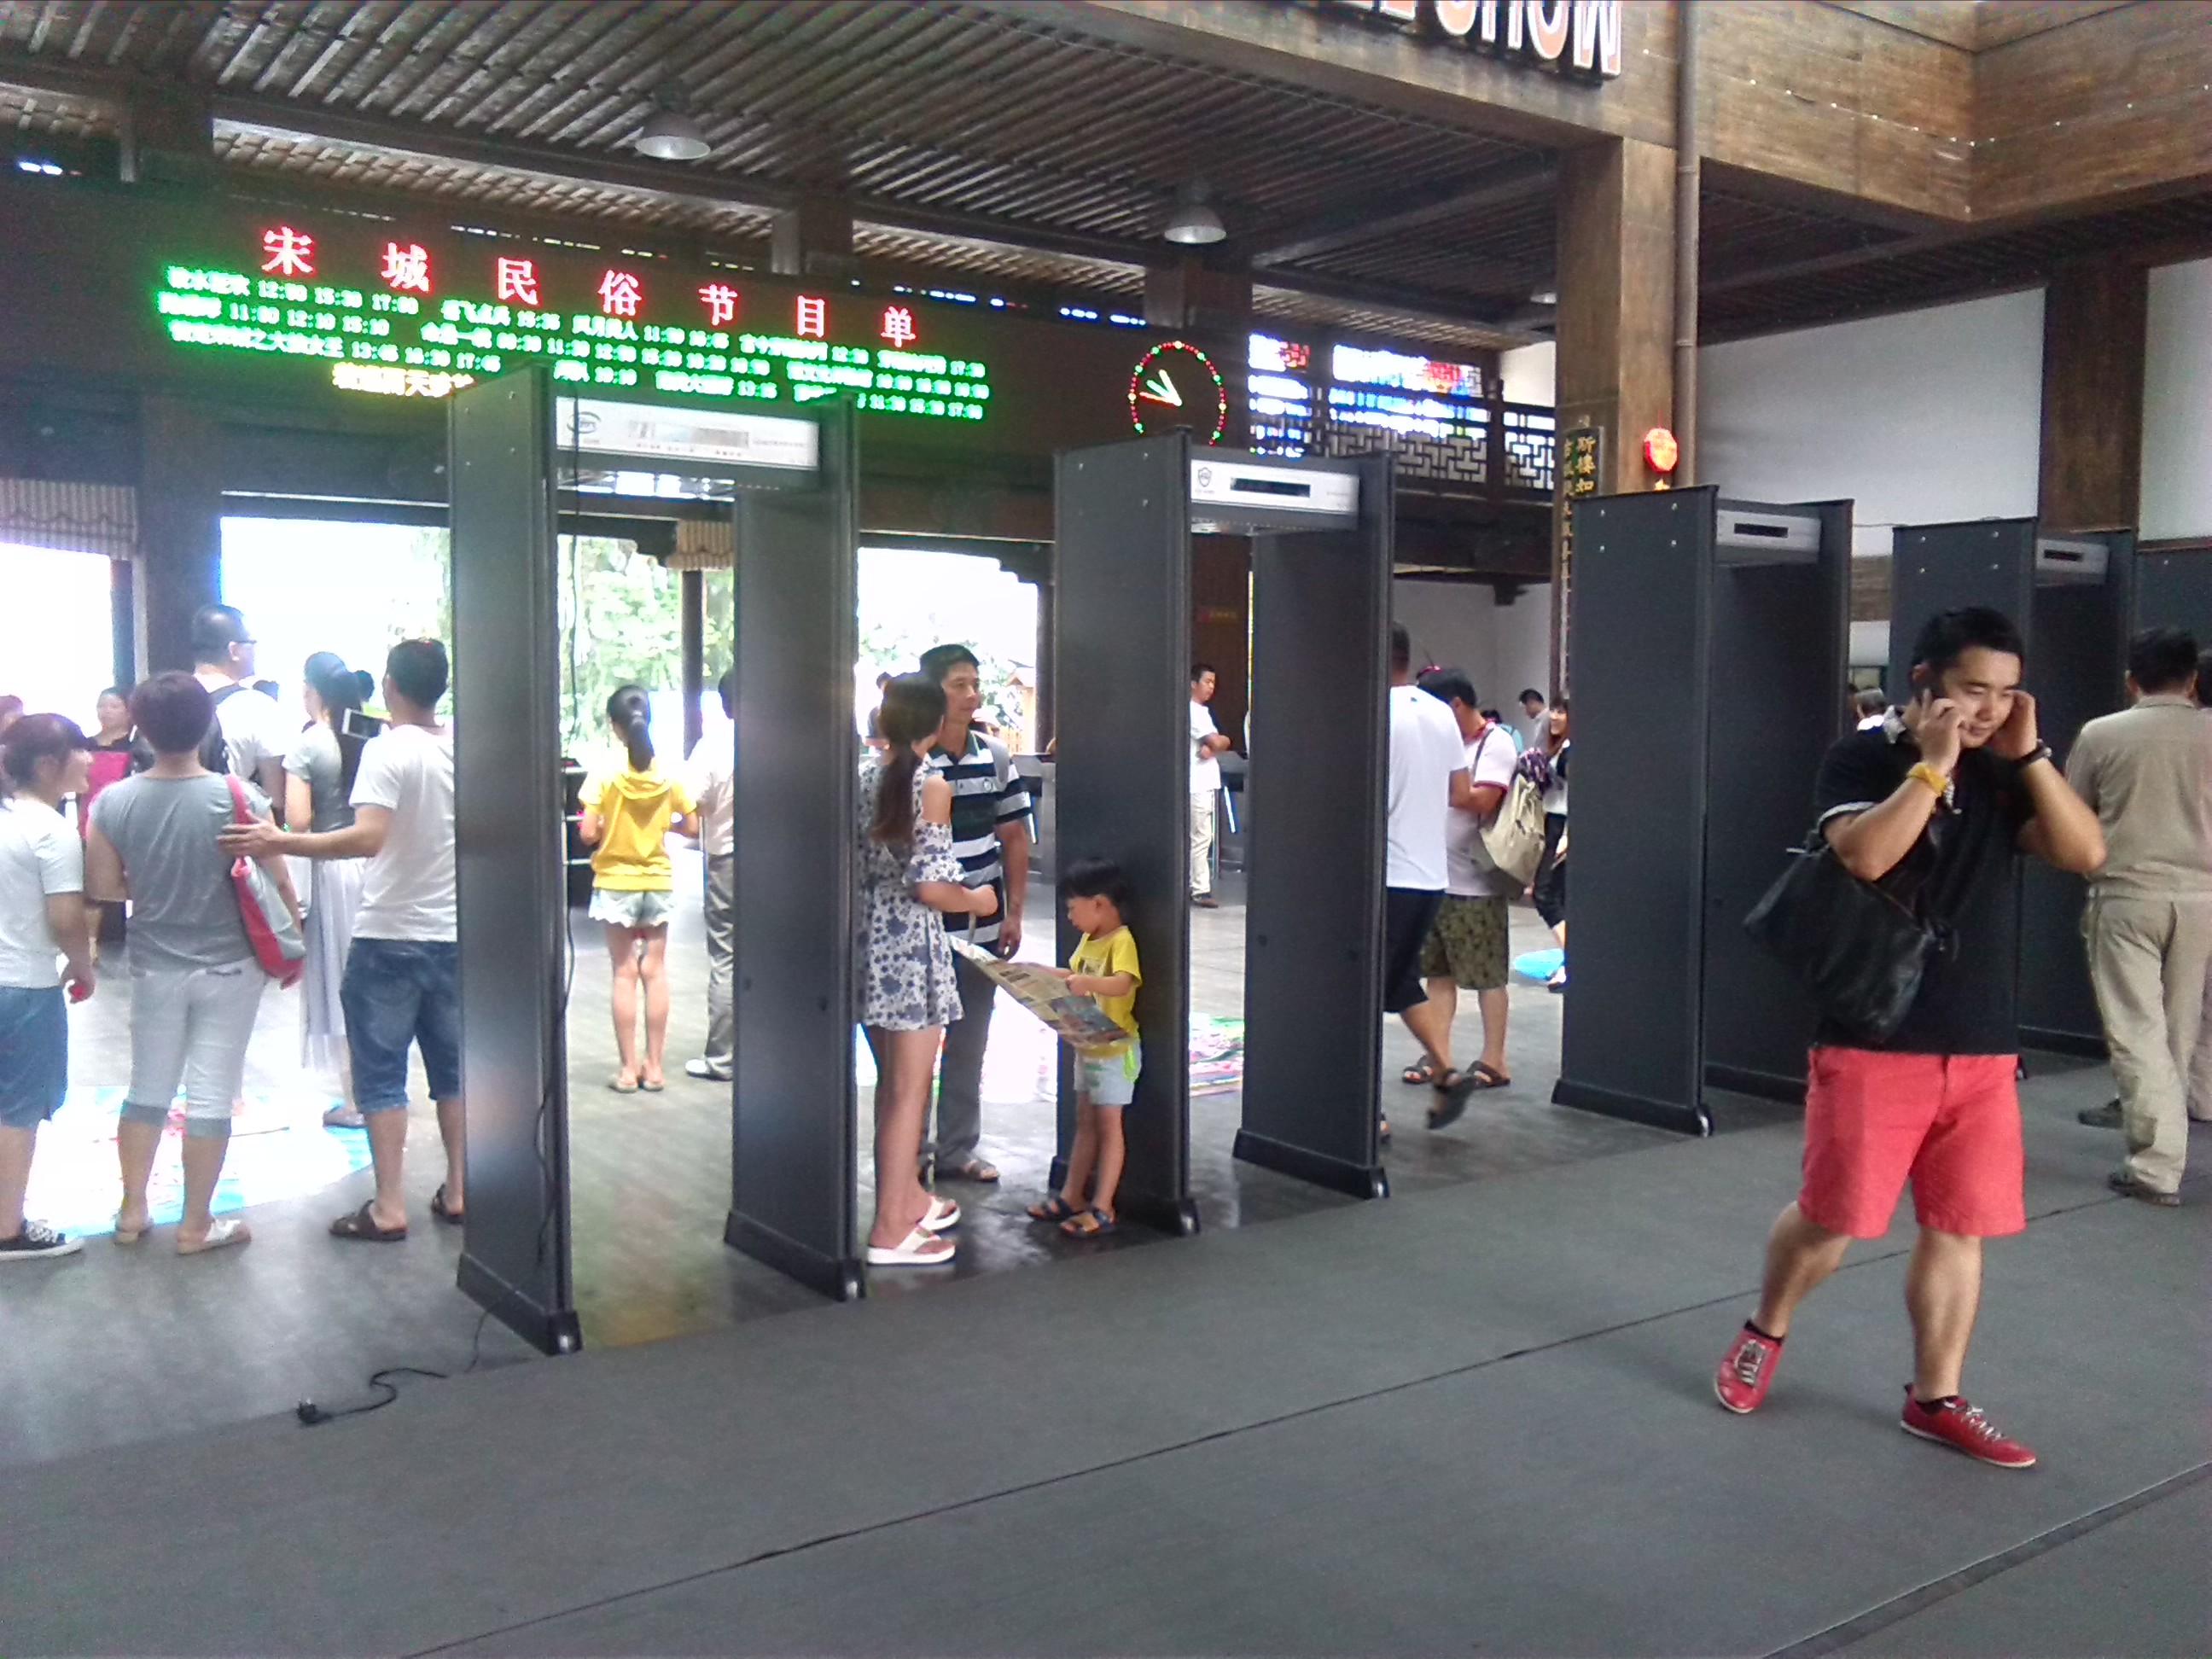 杭州宋城景区安检门升级保障游客安全